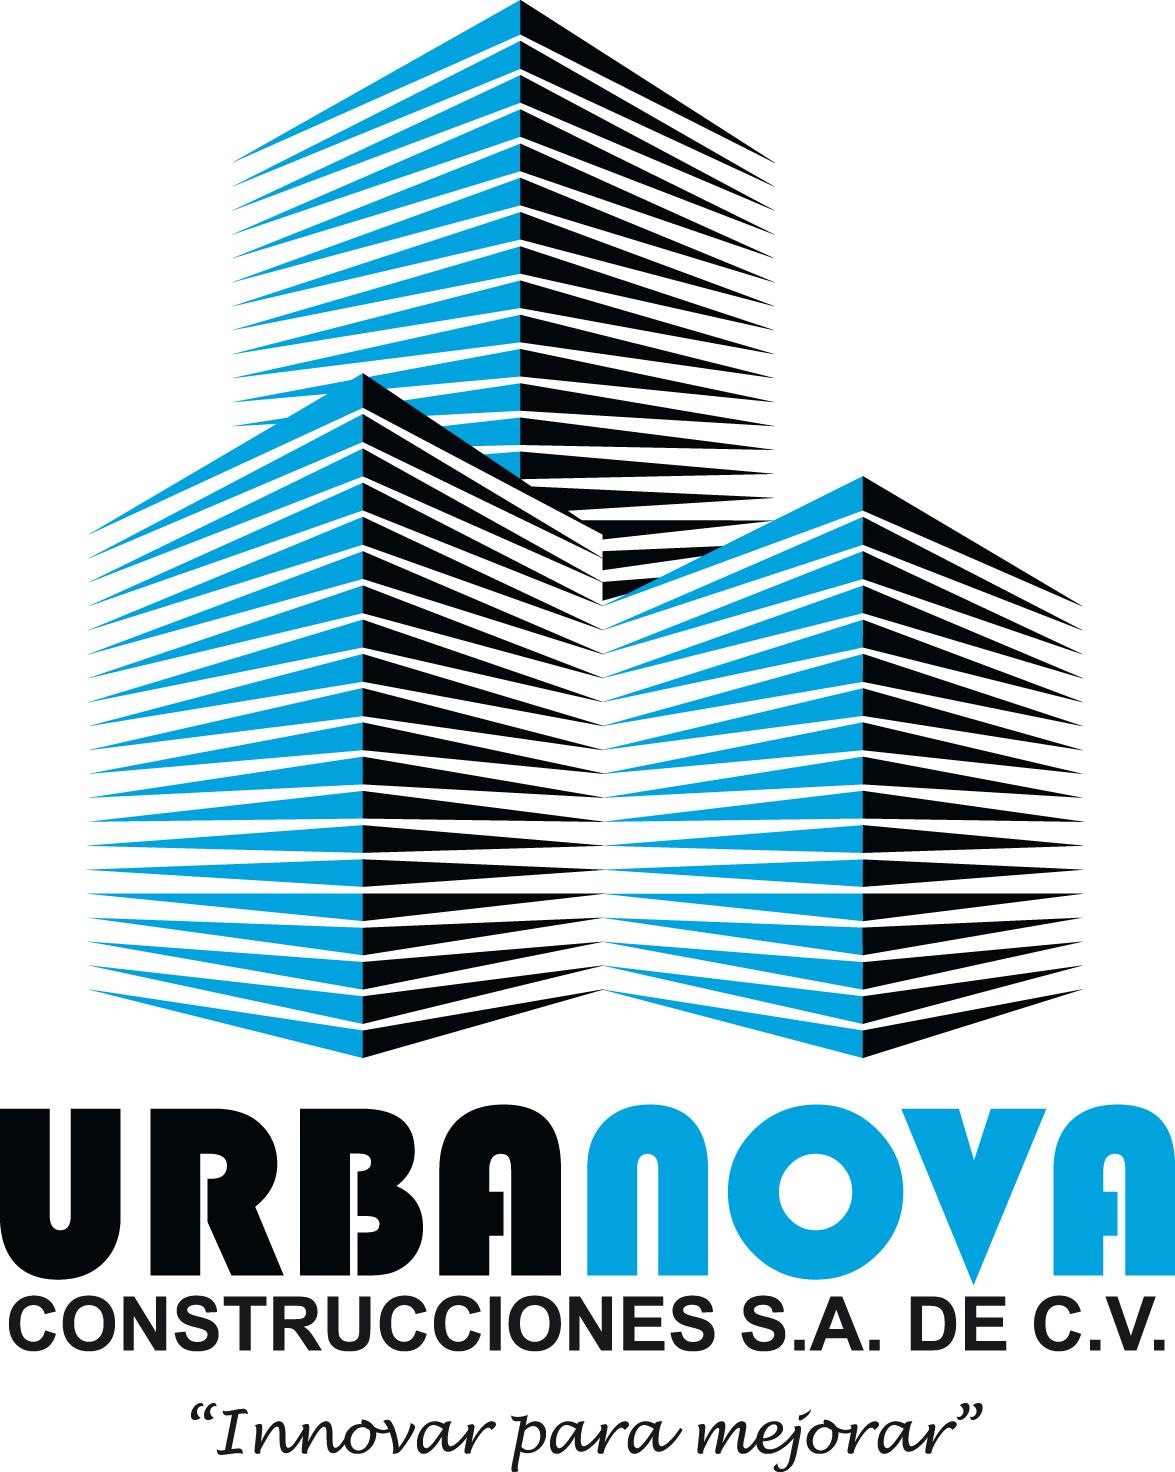 Construcciones Urbanova S.a. De C.v.